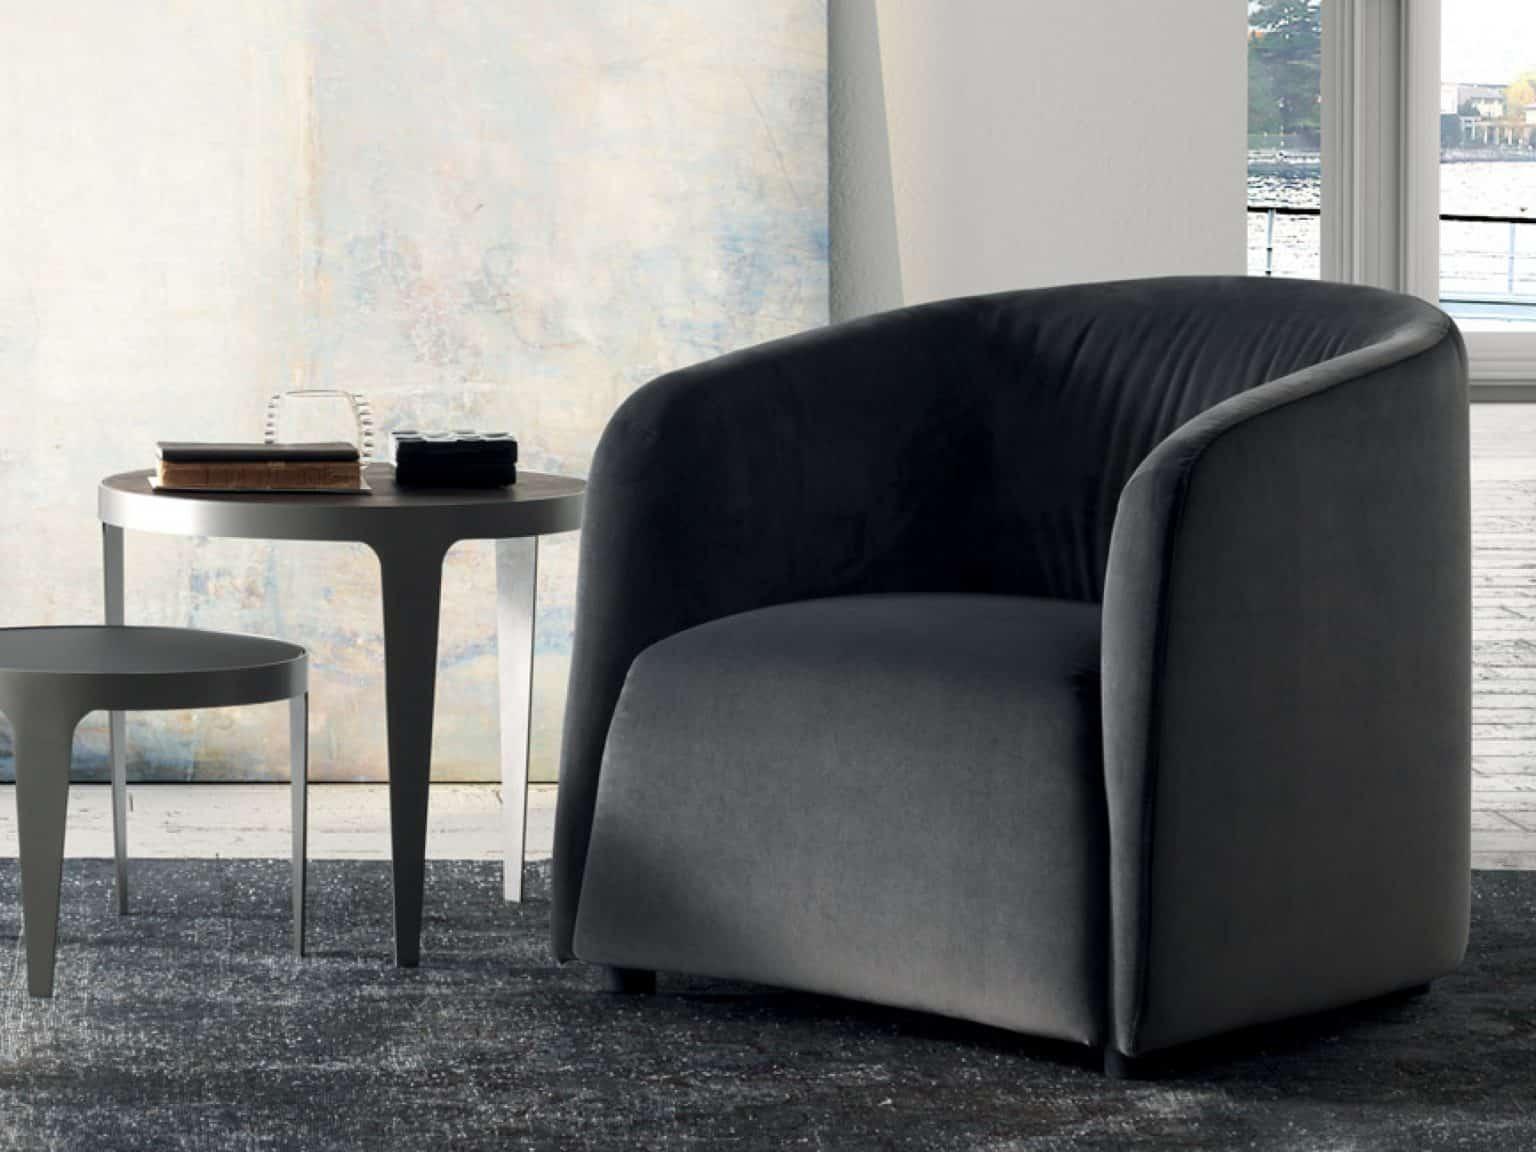 Natuzzi fauteuil Logos sf